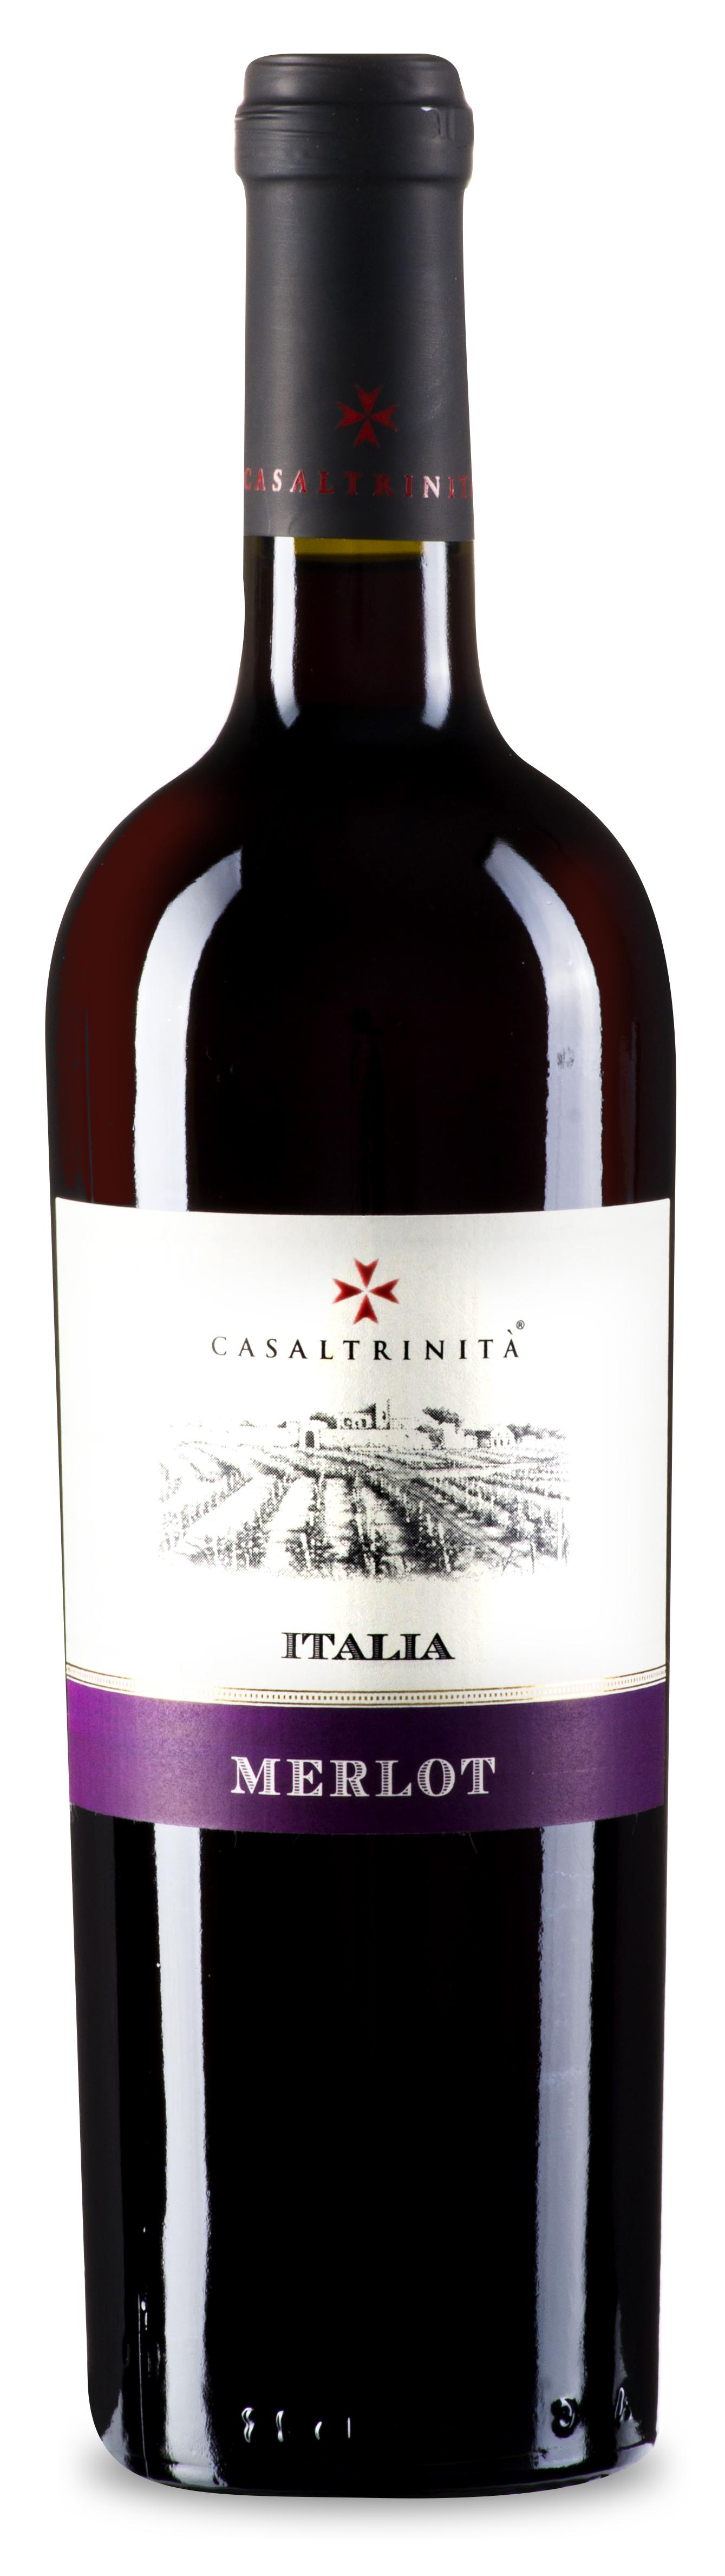 Casaltrinita Bottiglia Merlot